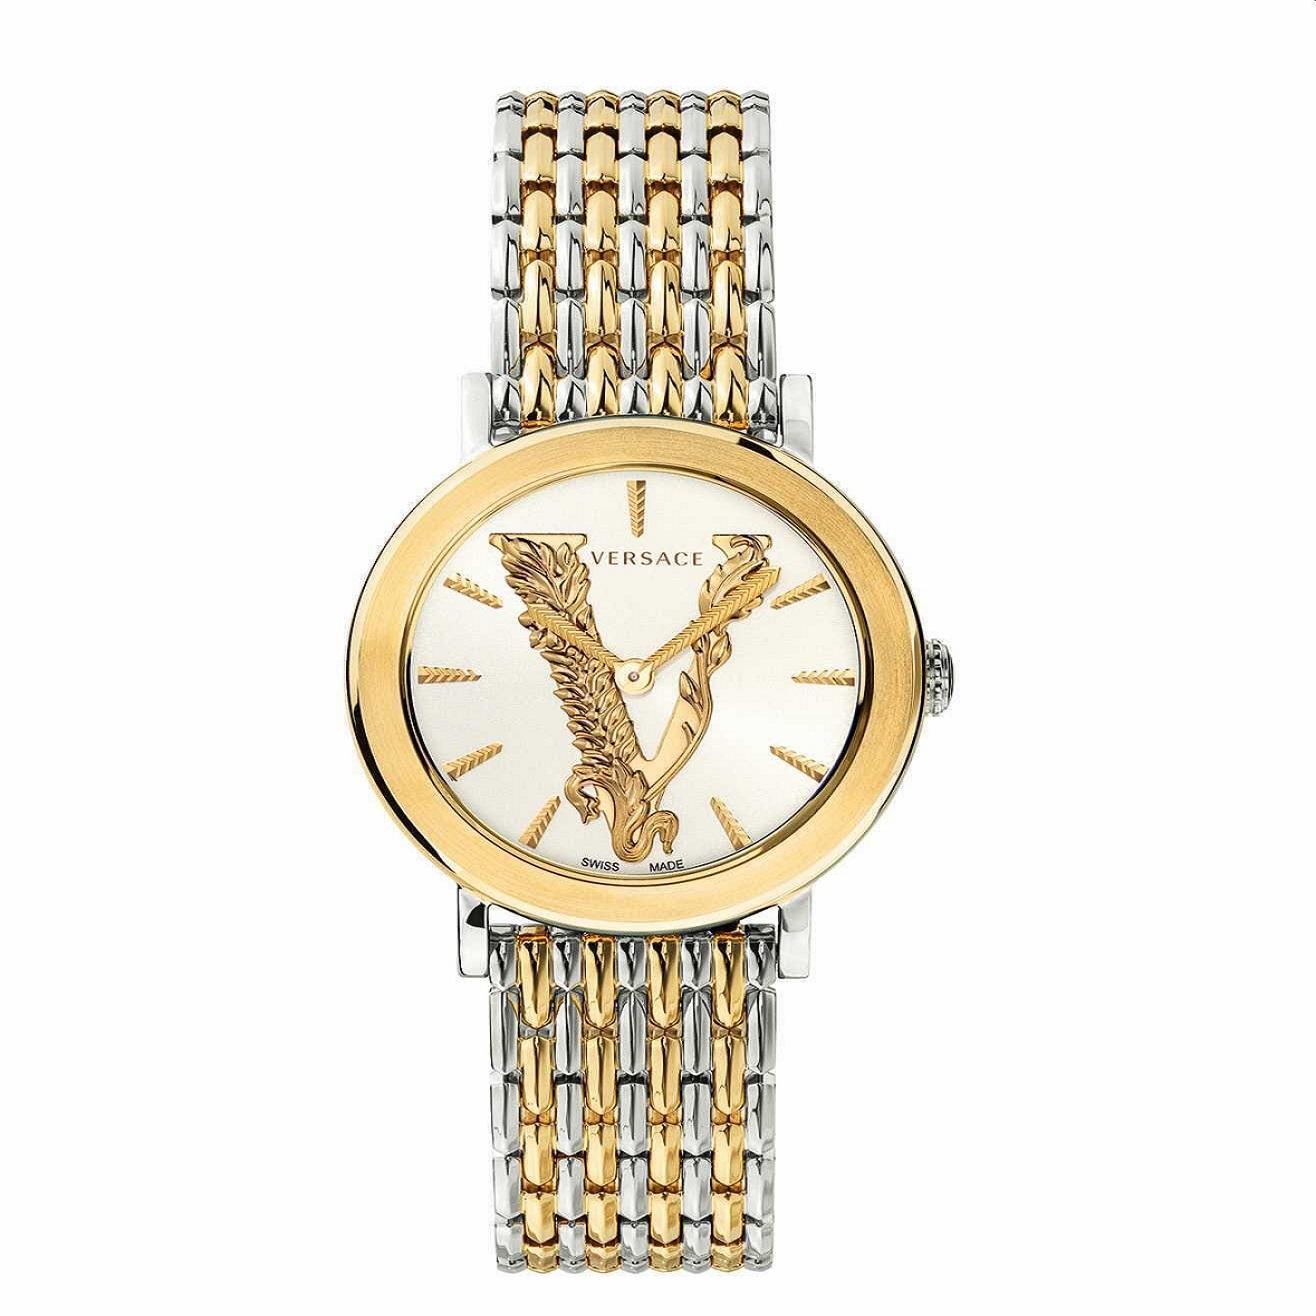 ساعت جیبی عقربه ای زنانه ورساچه مدل VEHC007 19